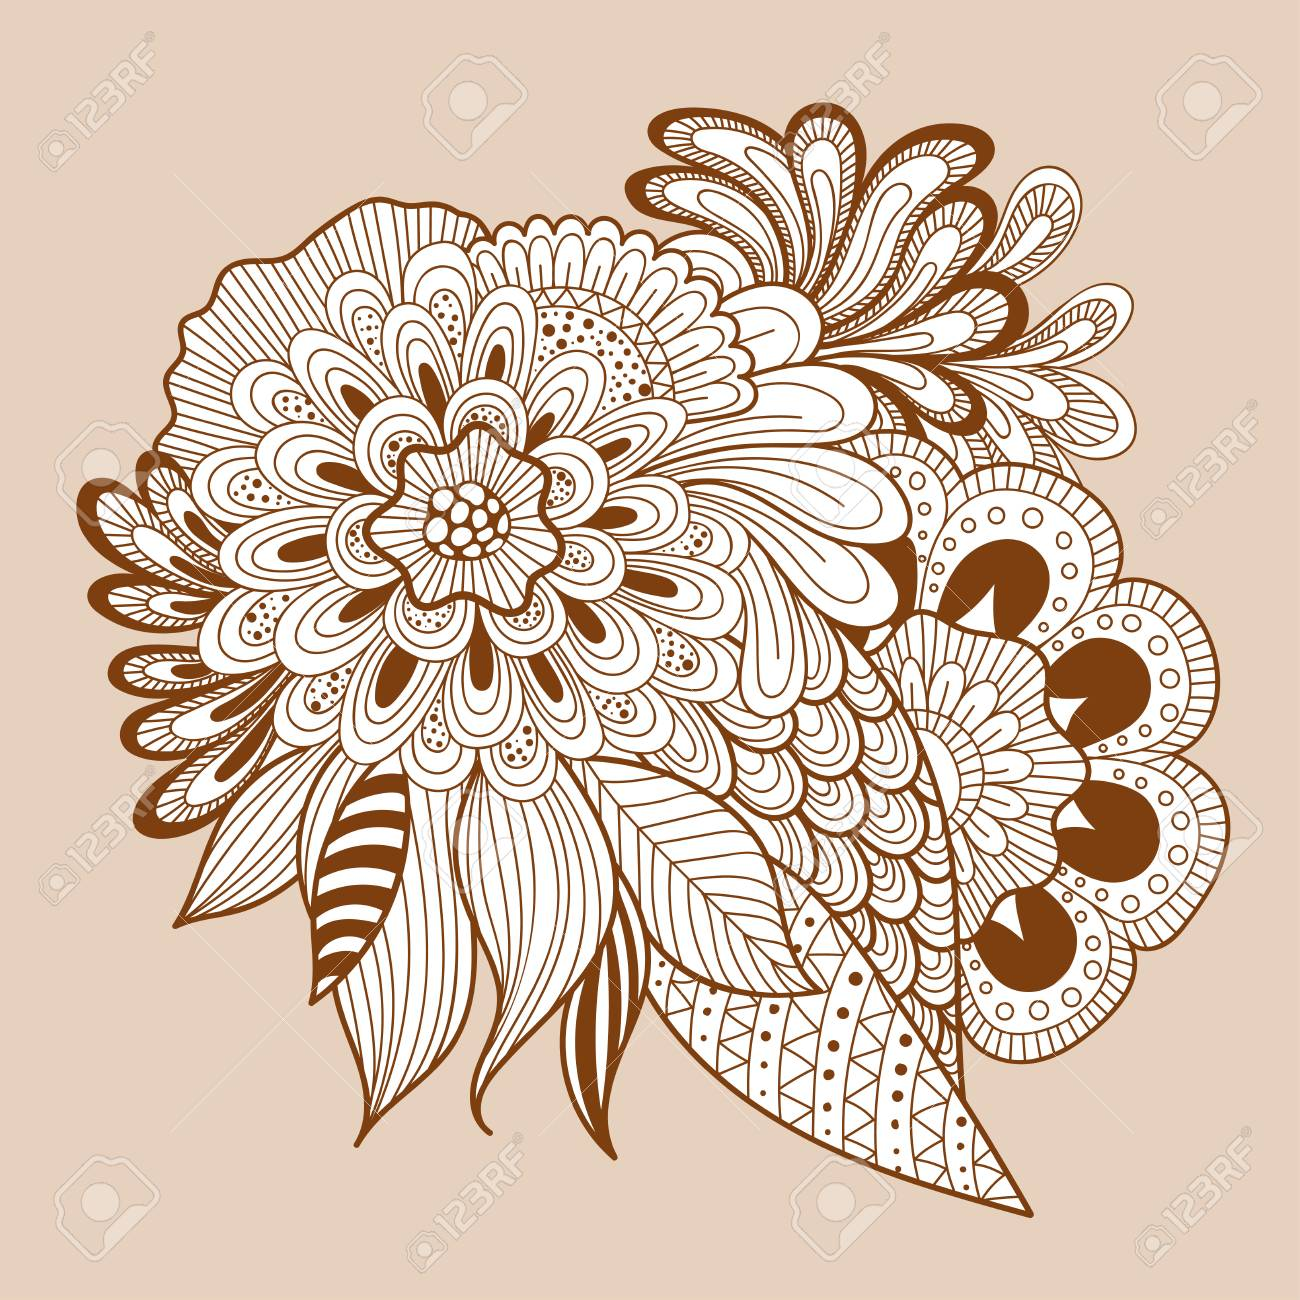 Schöne Doodle Kunst Blumen Zusammensetzung Henna Tattoo Blume